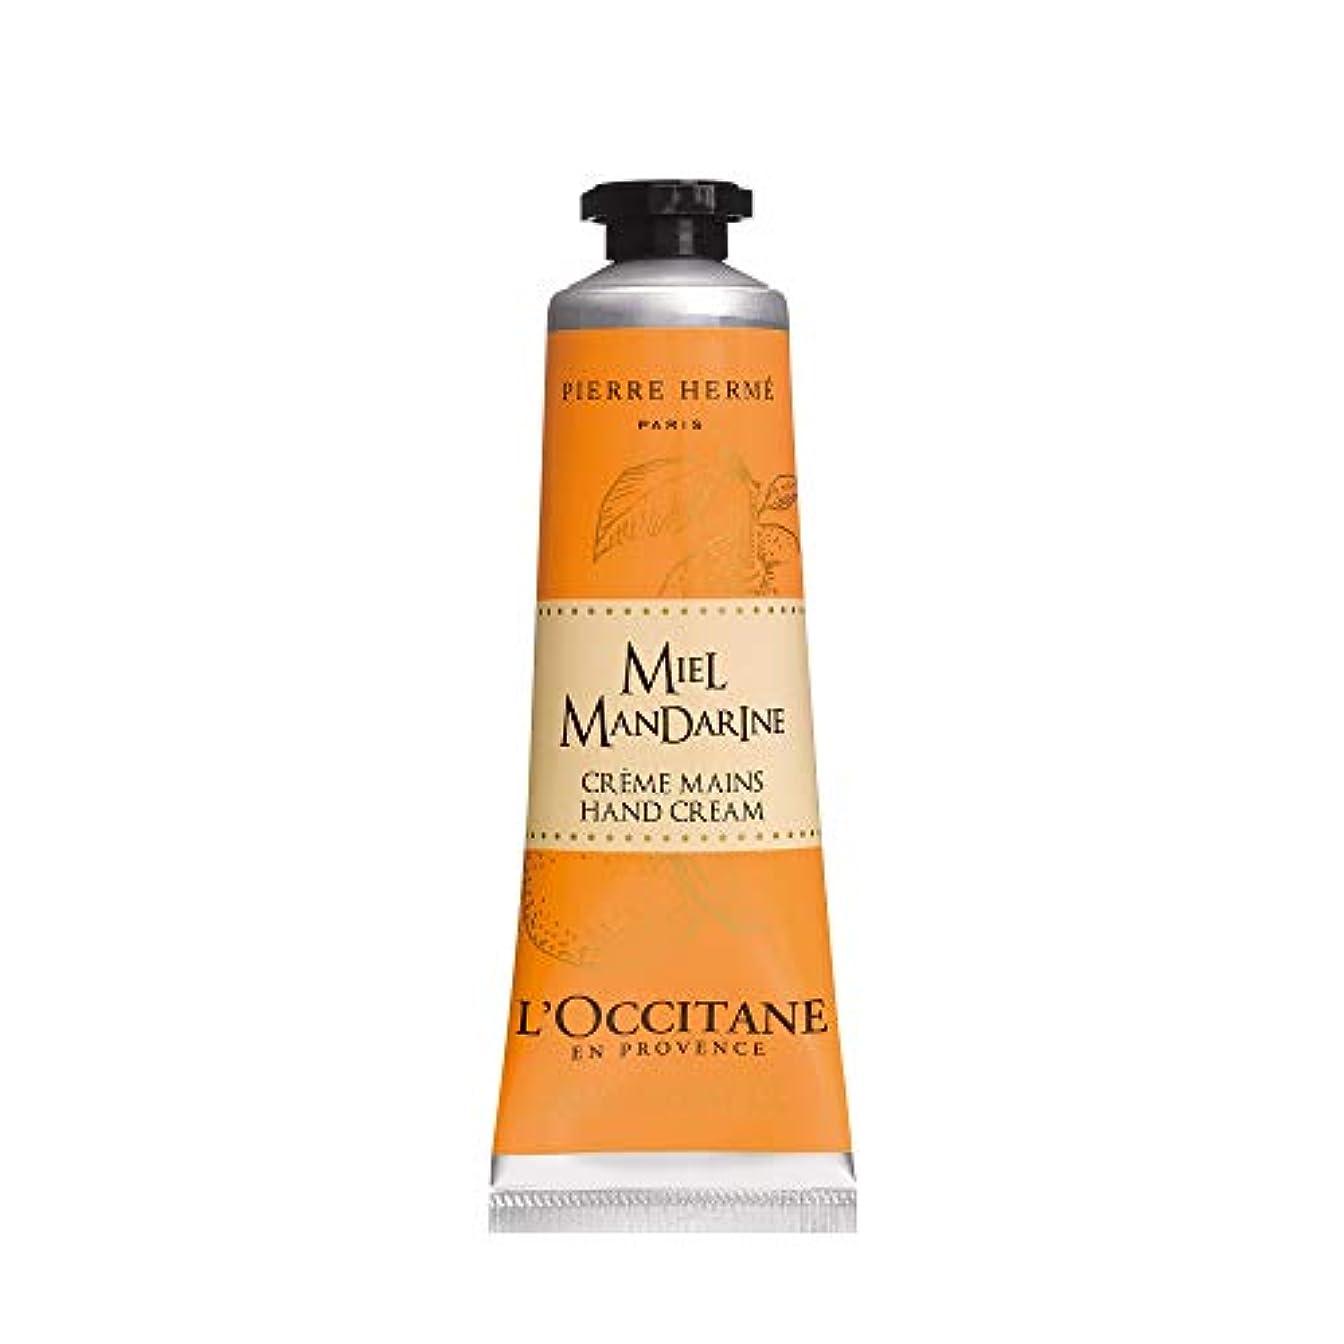 リットル批判する液体ロクシタン(L'OCCITANE) ミエルマンダリン ハンドクリーム 30ML ハートウオーミングオレンジハニー